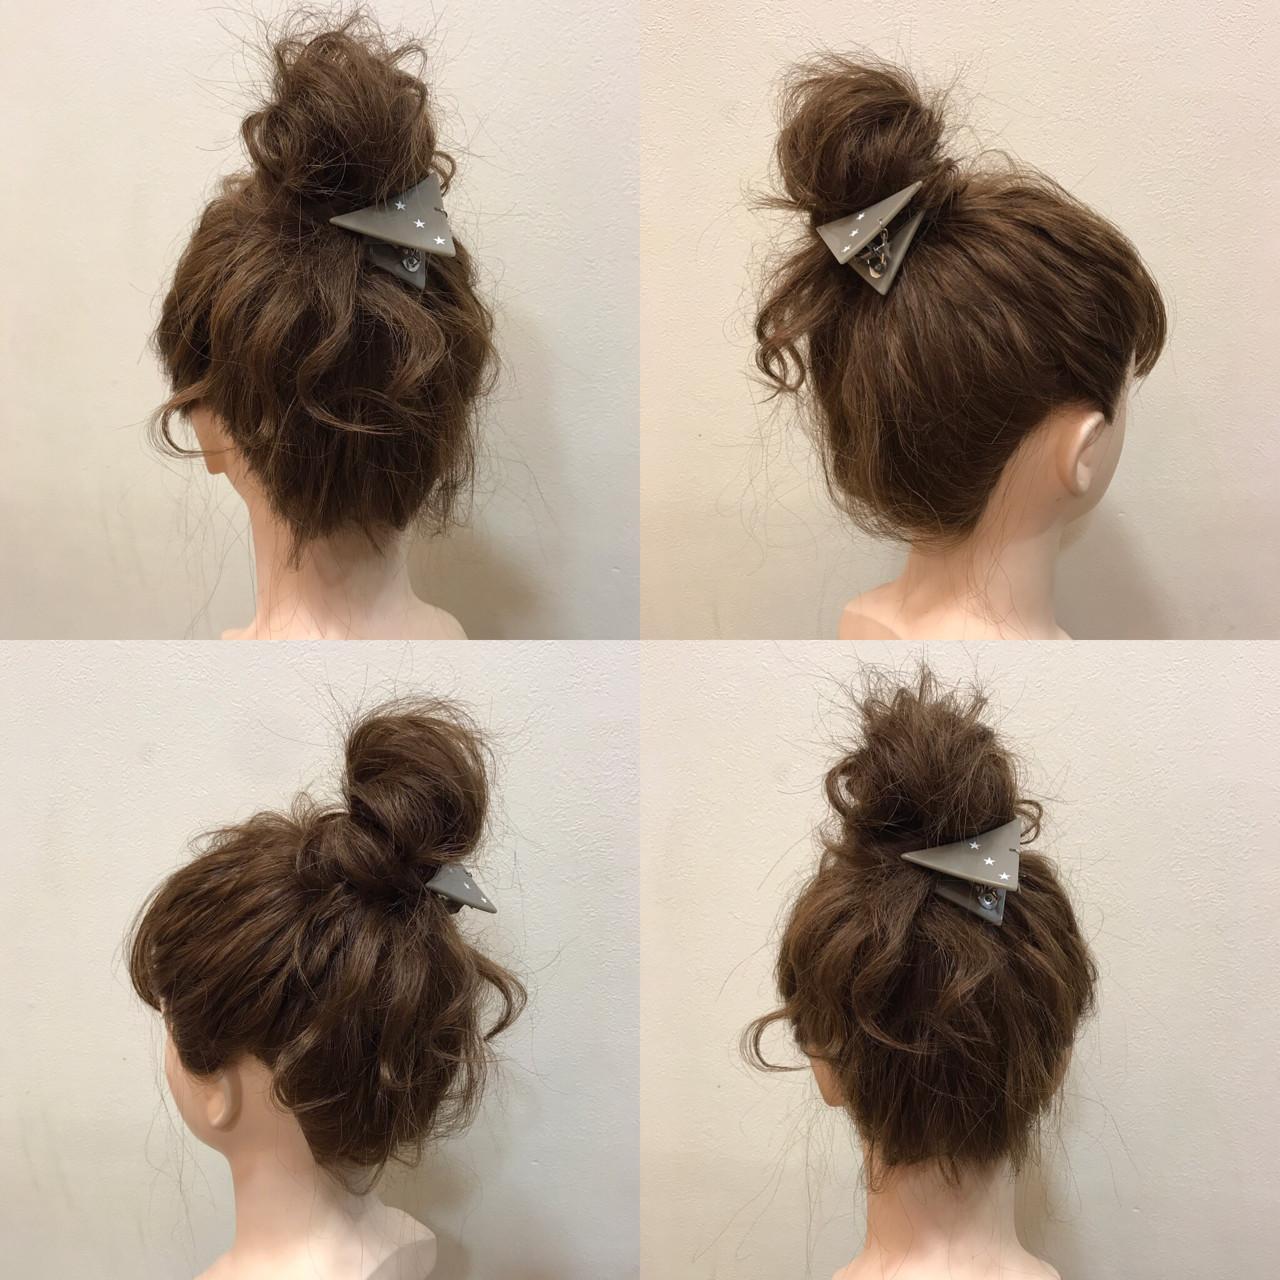 お団子 ミディアム 波ウェーブ ヘアアレンジ ヘアスタイルや髪型の写真・画像 | 石井美那 / BERA g hair